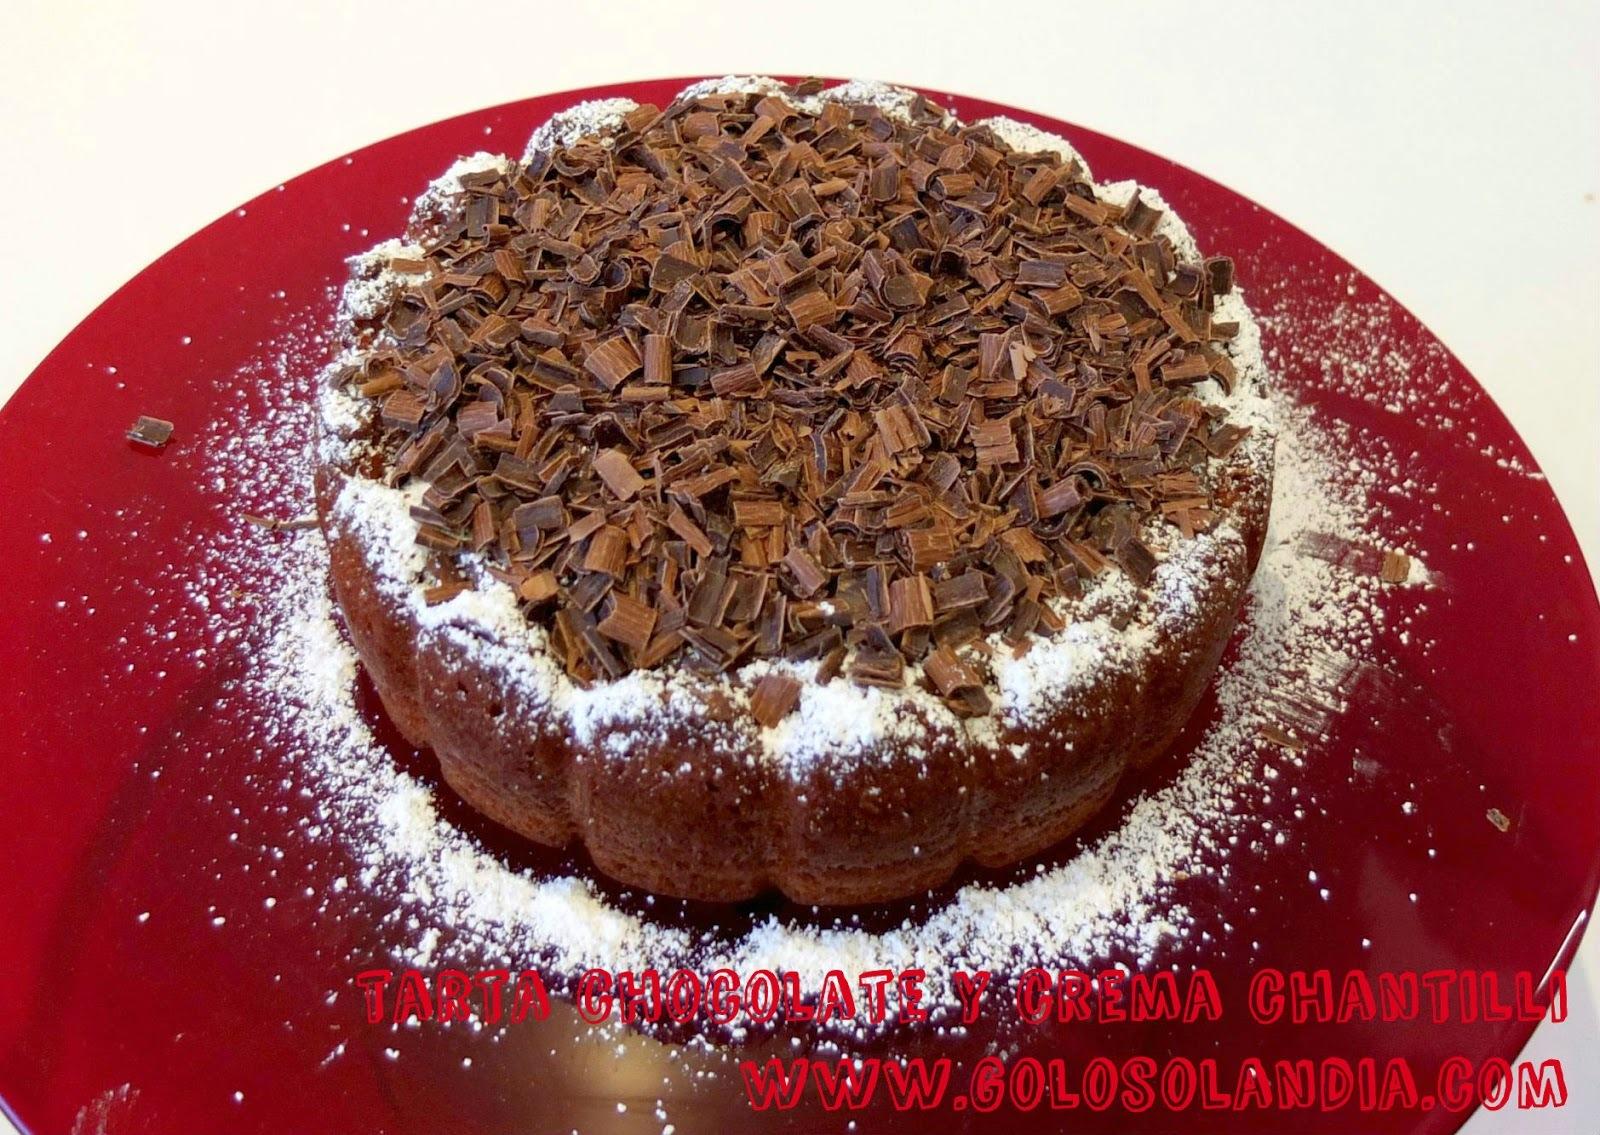 Tarta de chocolate y crema chantilli